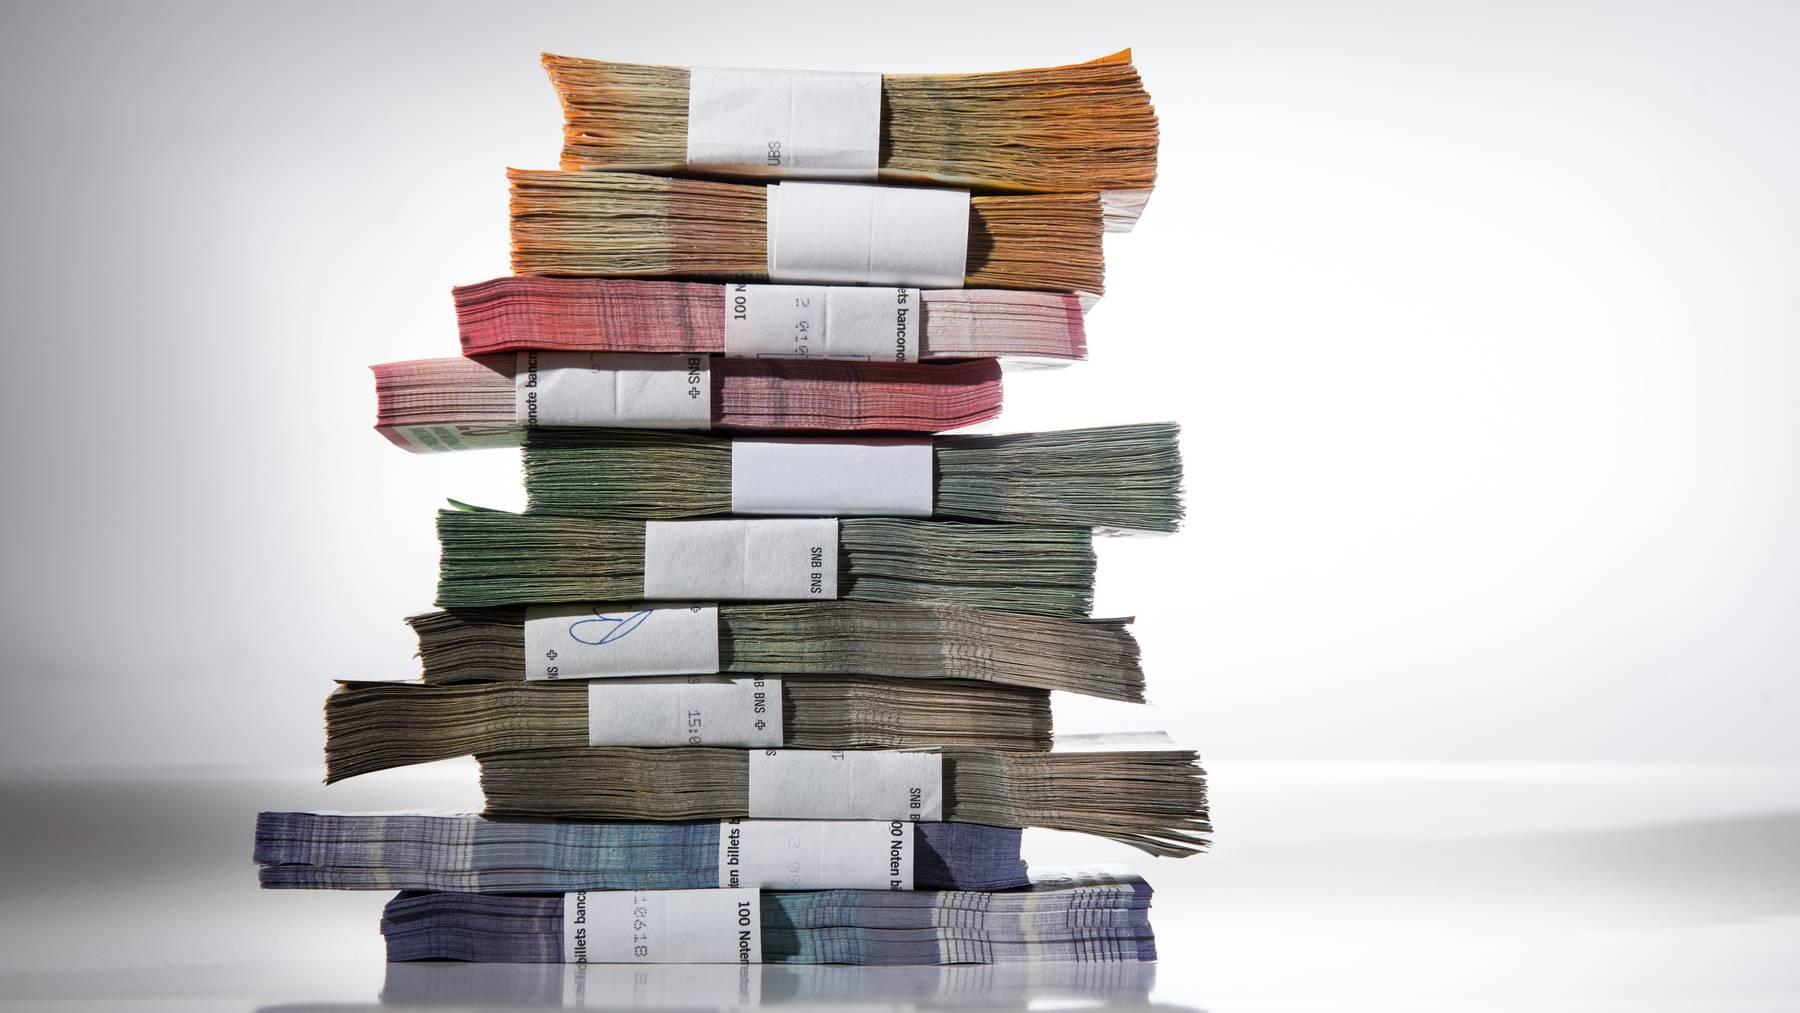 20 Milliarden Franken stellt der Bund für Überbrückungskredite während der Corona-Krise zur Verfügung.